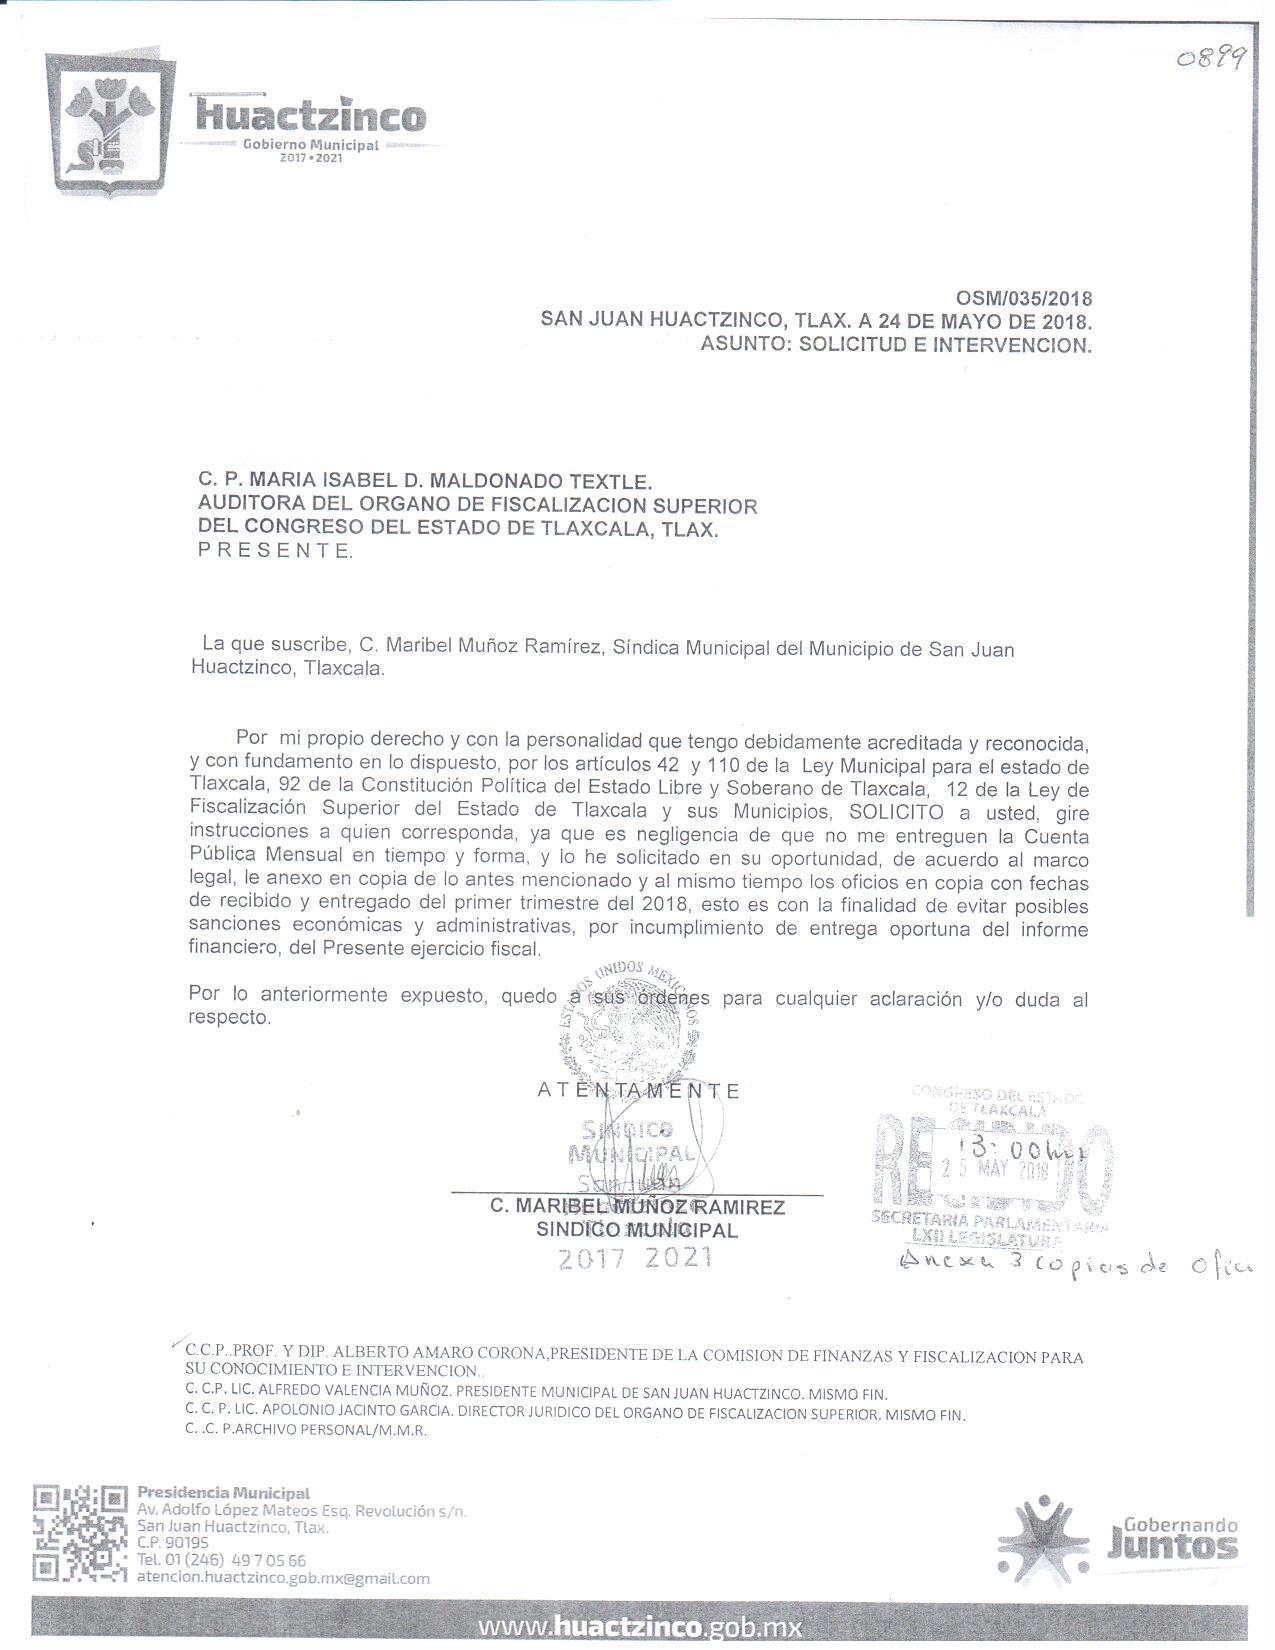 Desconoce síndico de Huactzinco cuenta pública del primer trimestre 2018